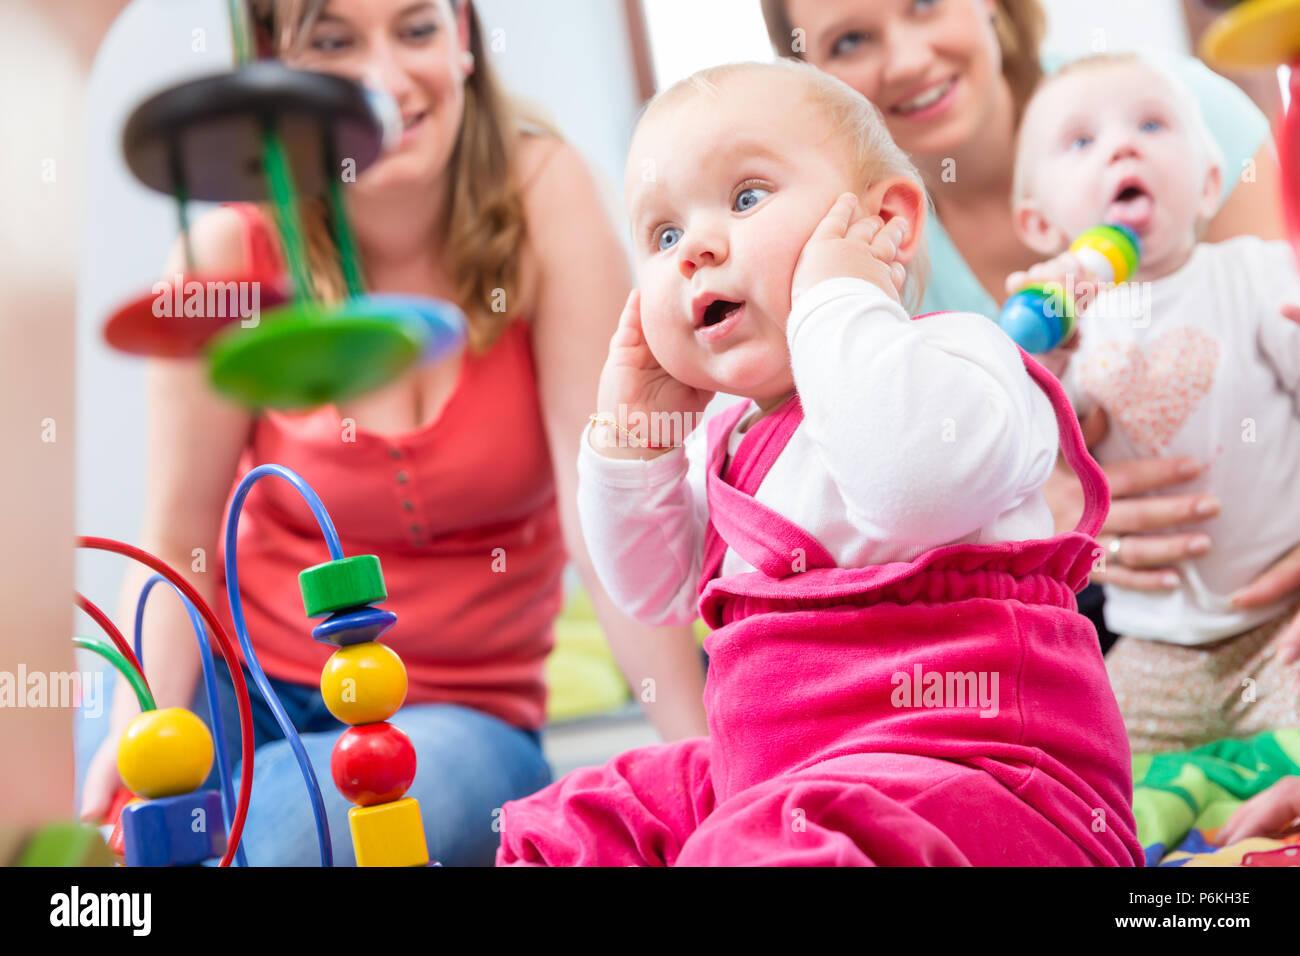 Cute baby girl mostrando progreso y curiosidad Imagen De Stock